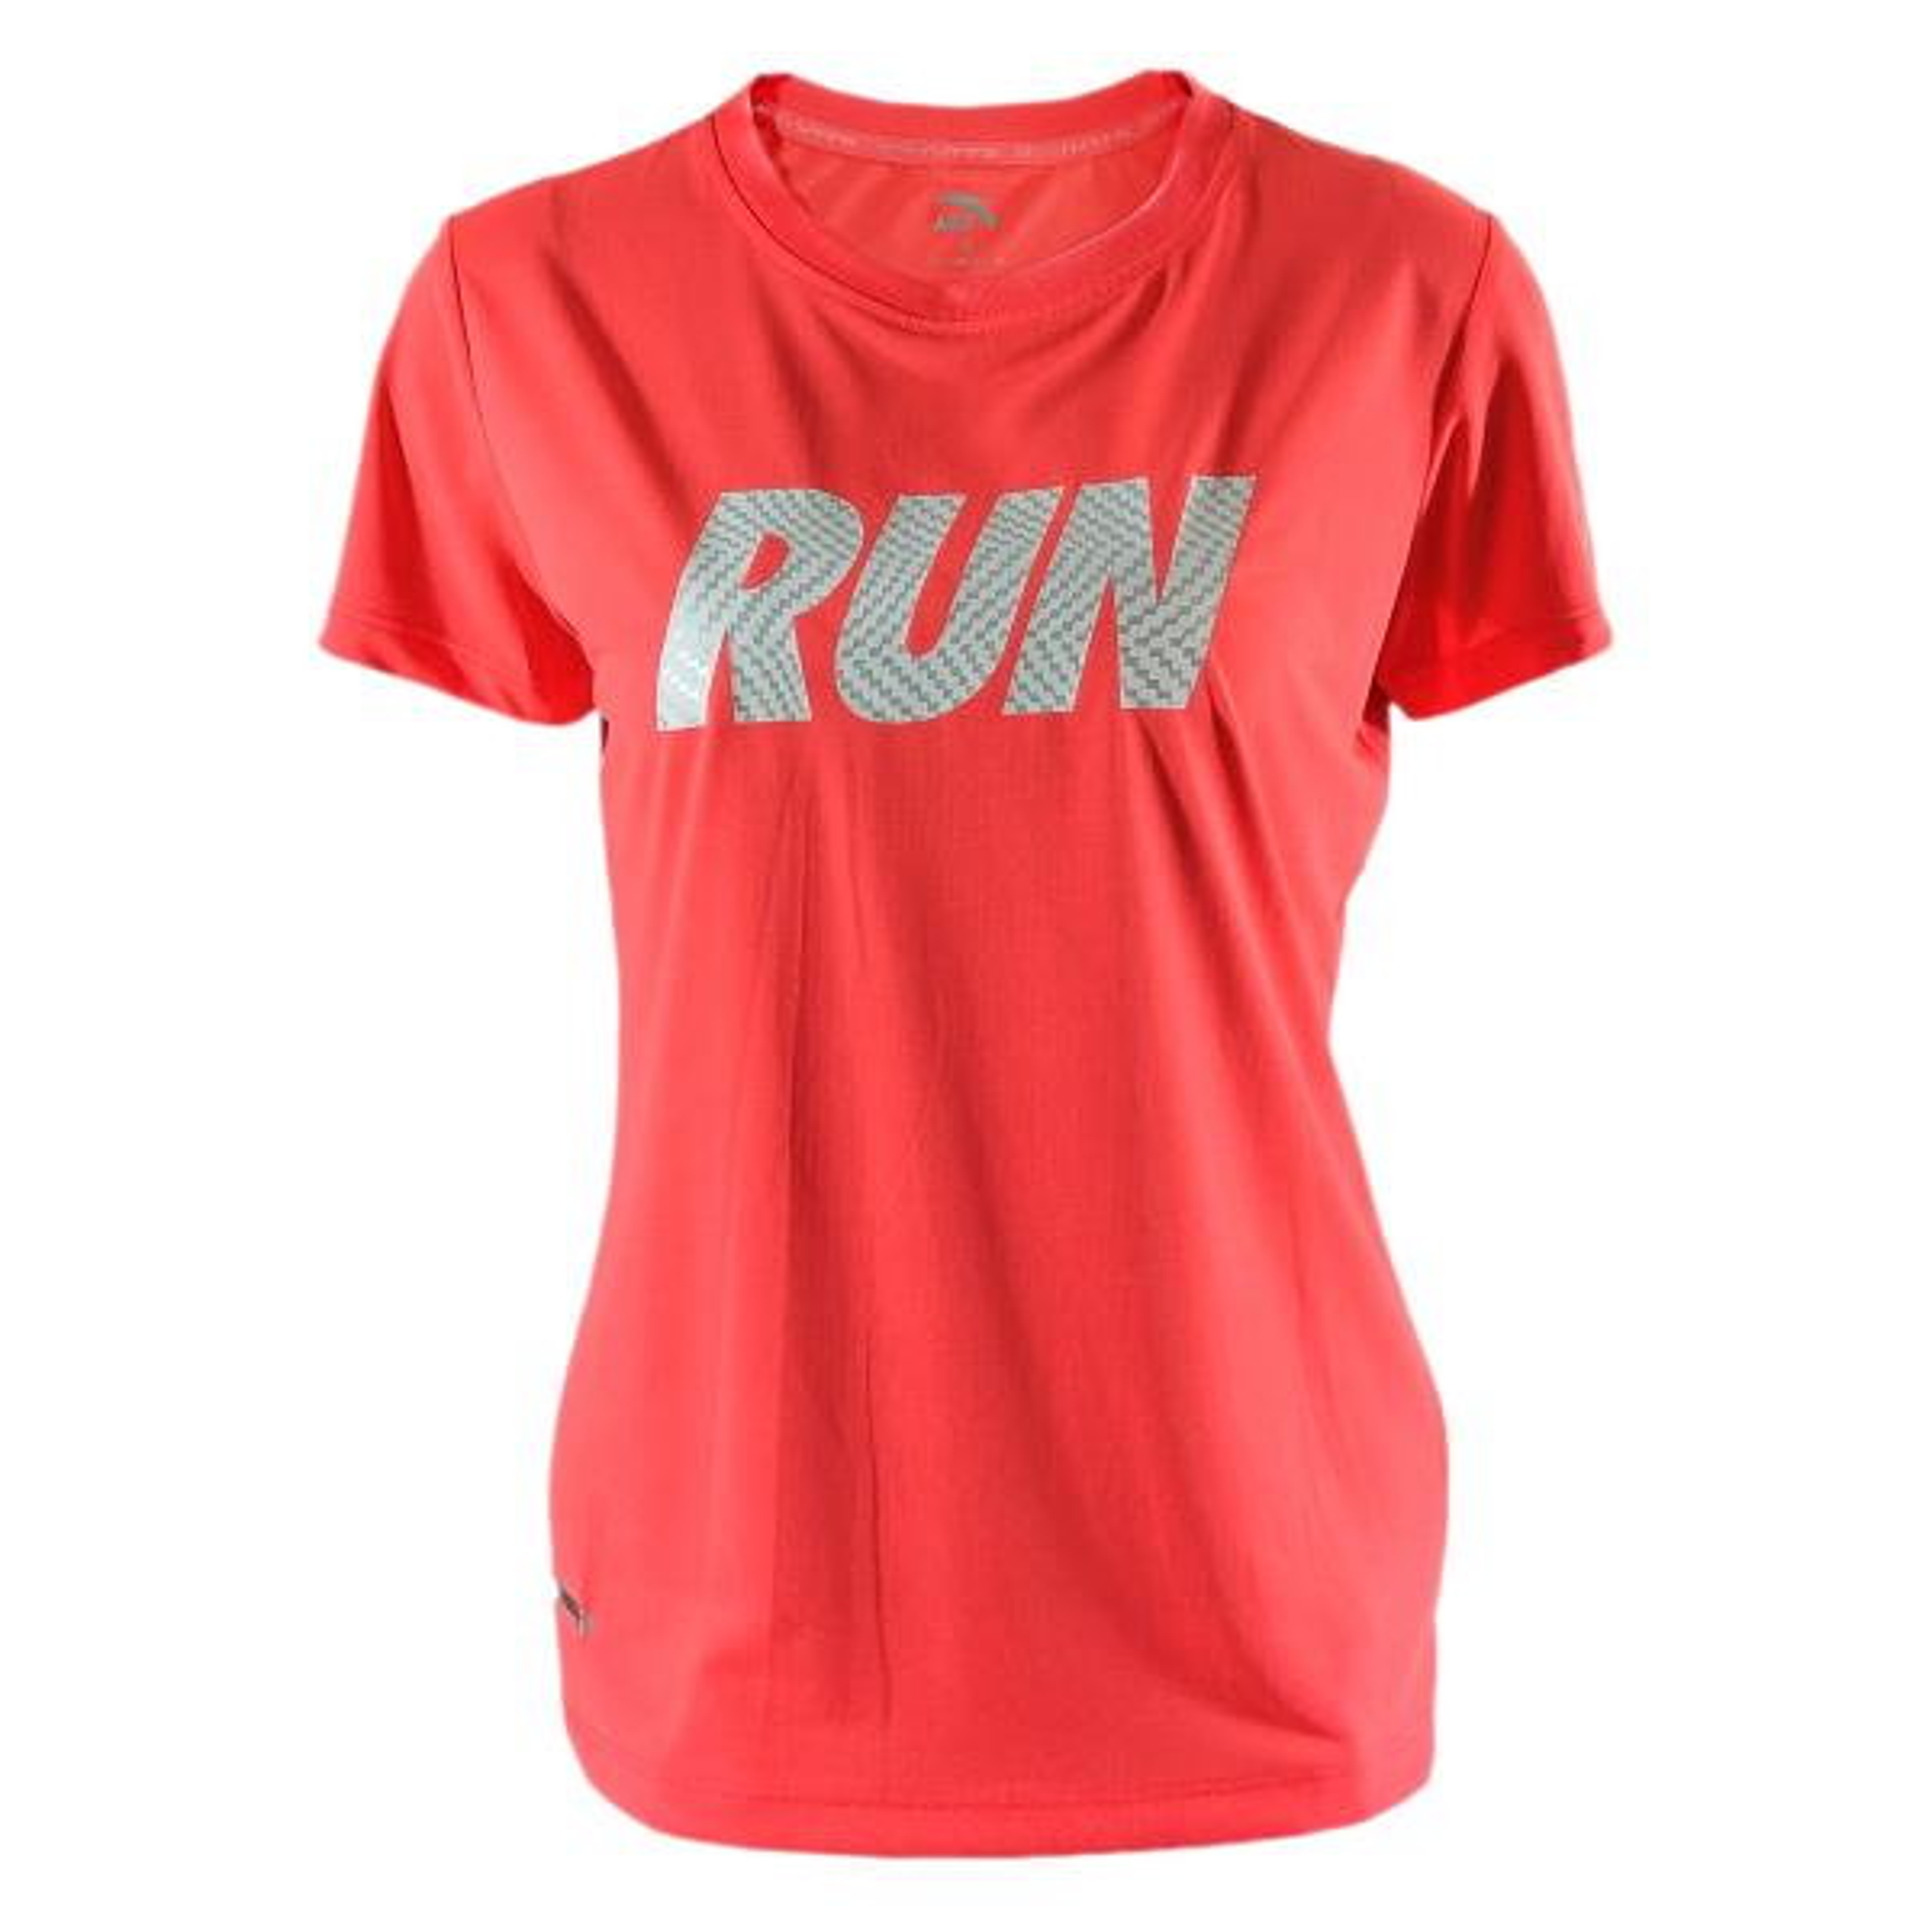 تیشرت ورزشی زنانه آنتا مدل 86525145-2